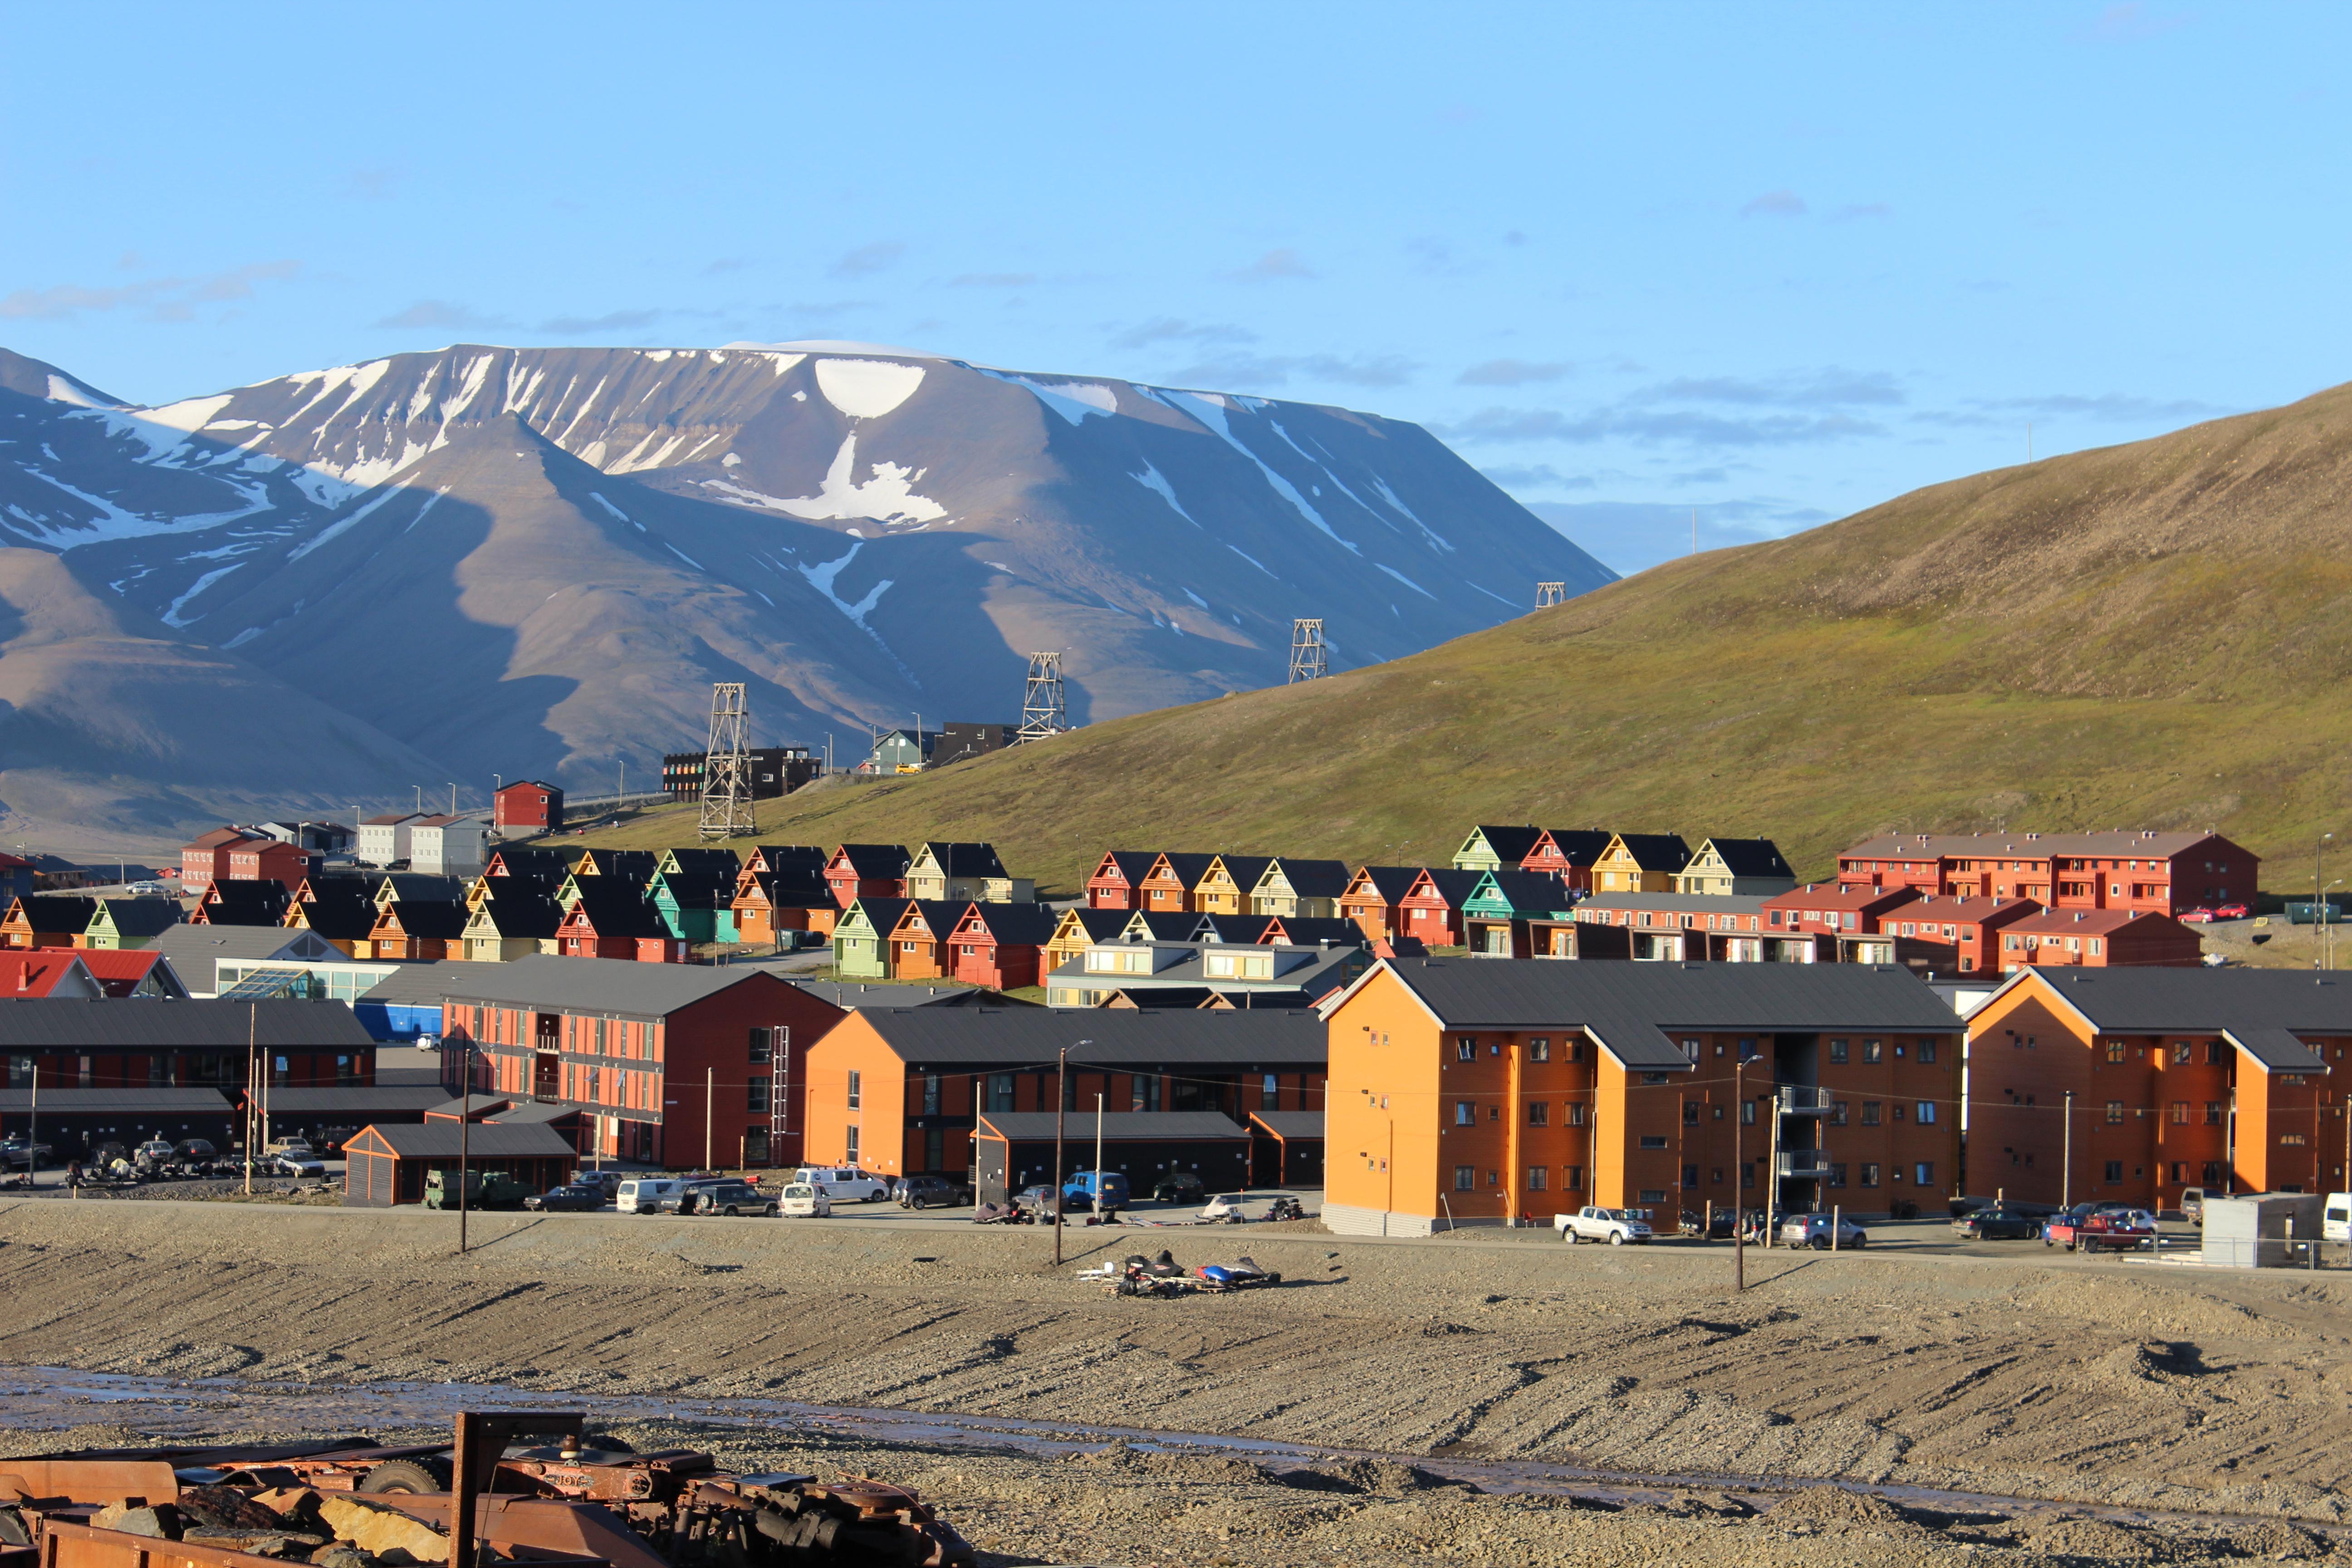 Auf nach Spitzbergen ( Svalbard ), der Insel im Polarmeer! Kurs 0° liegt an! Wir segeln los!